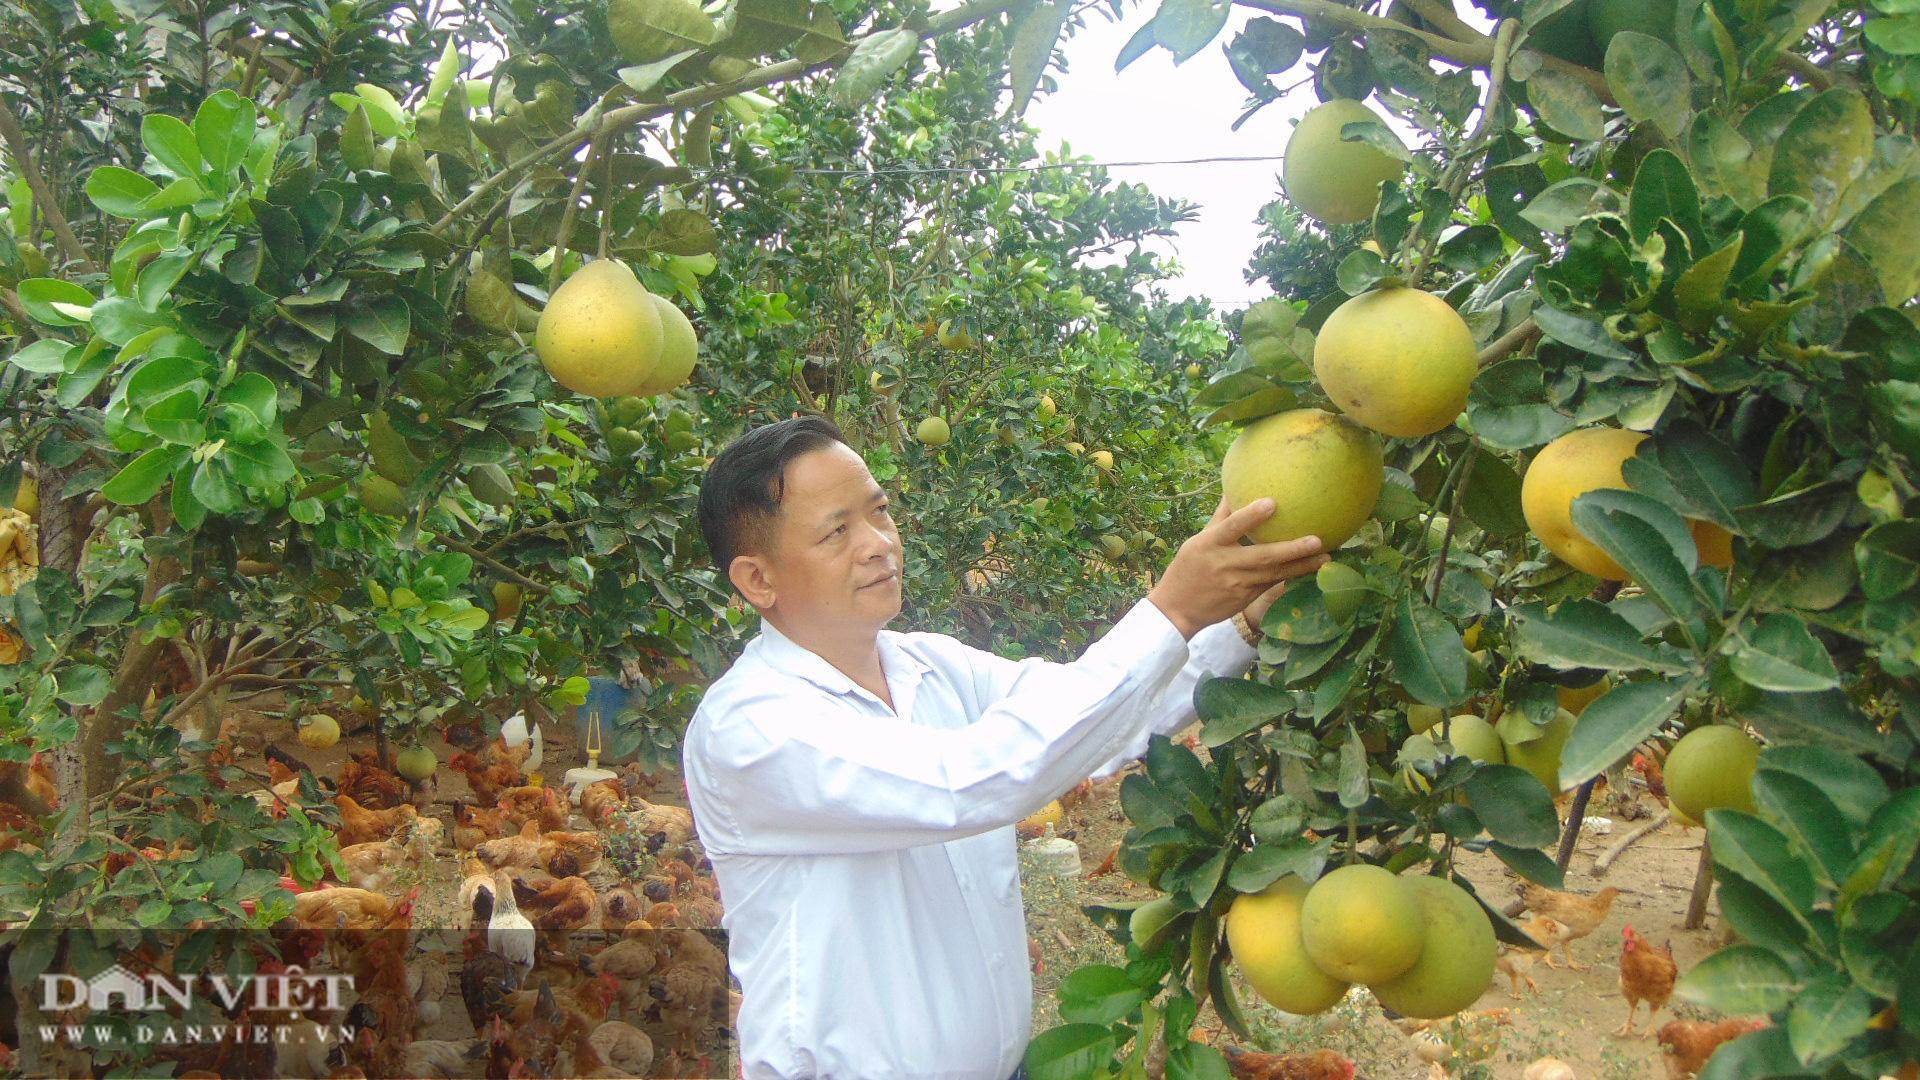 Thái Nguyên nông dân rủ nhau trồng giống bưởi quý có cây cho cả nghìn quả  - Ảnh 3.